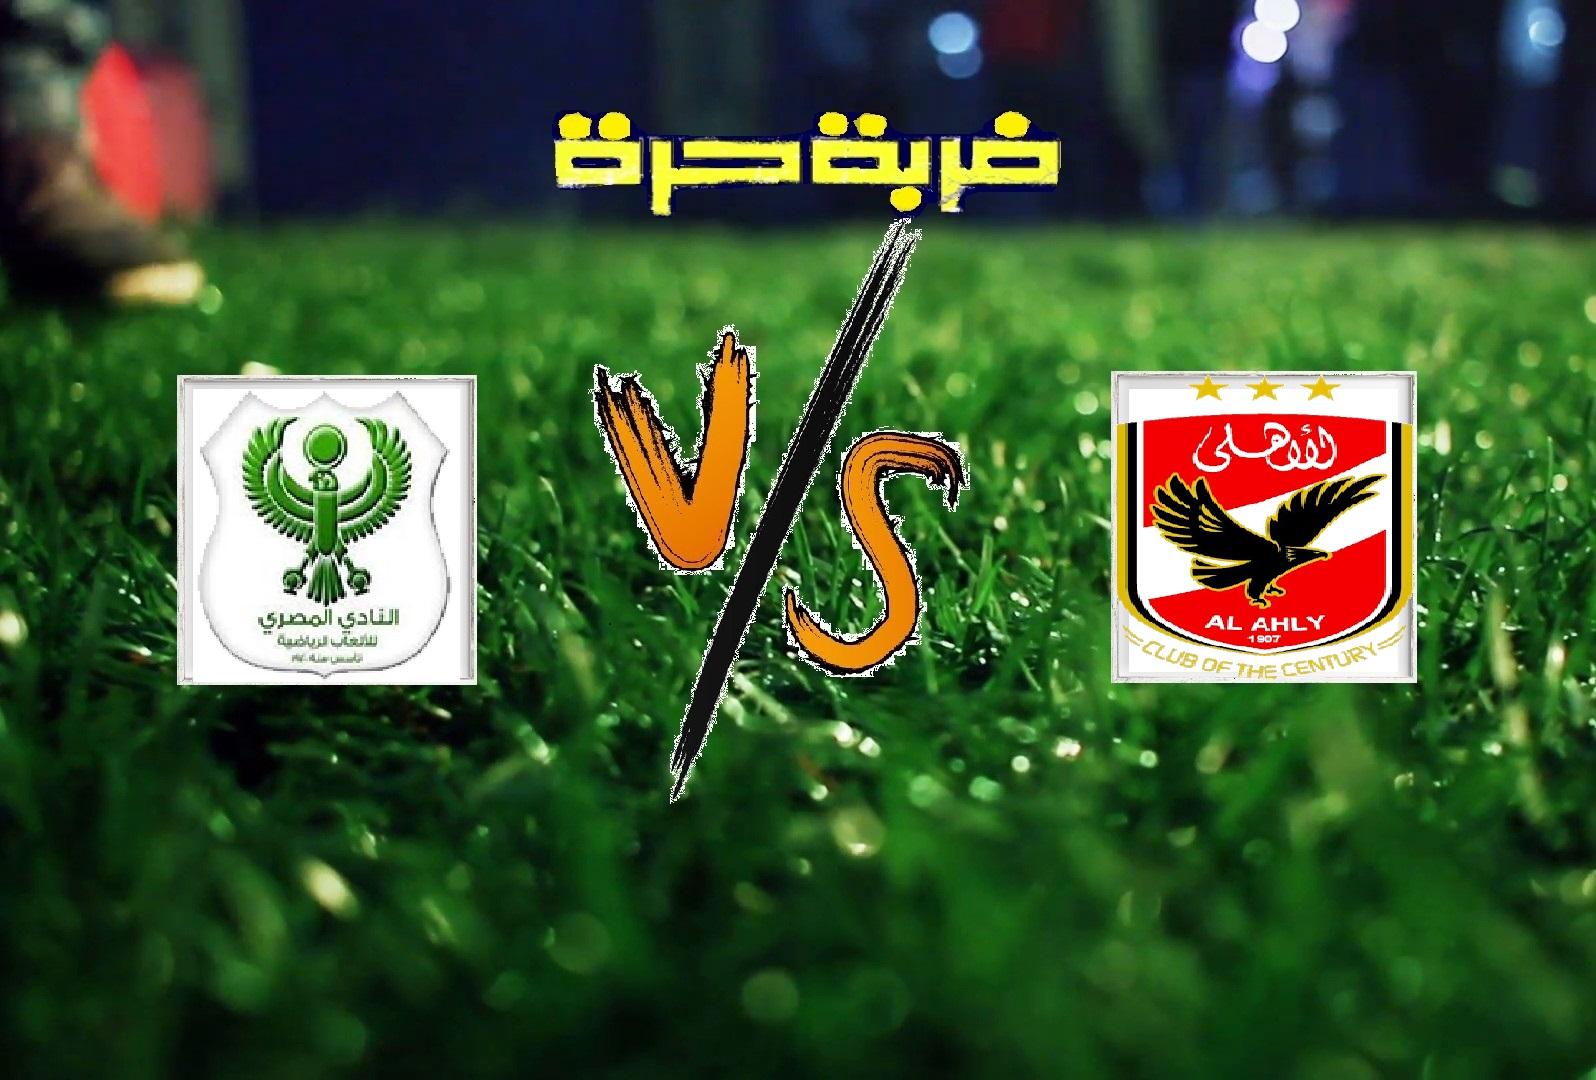 الاهلي يفوز على المصري البورسعيدي بهدفين دون رد في الجولة الـ19 من بطولة الدوري المصري